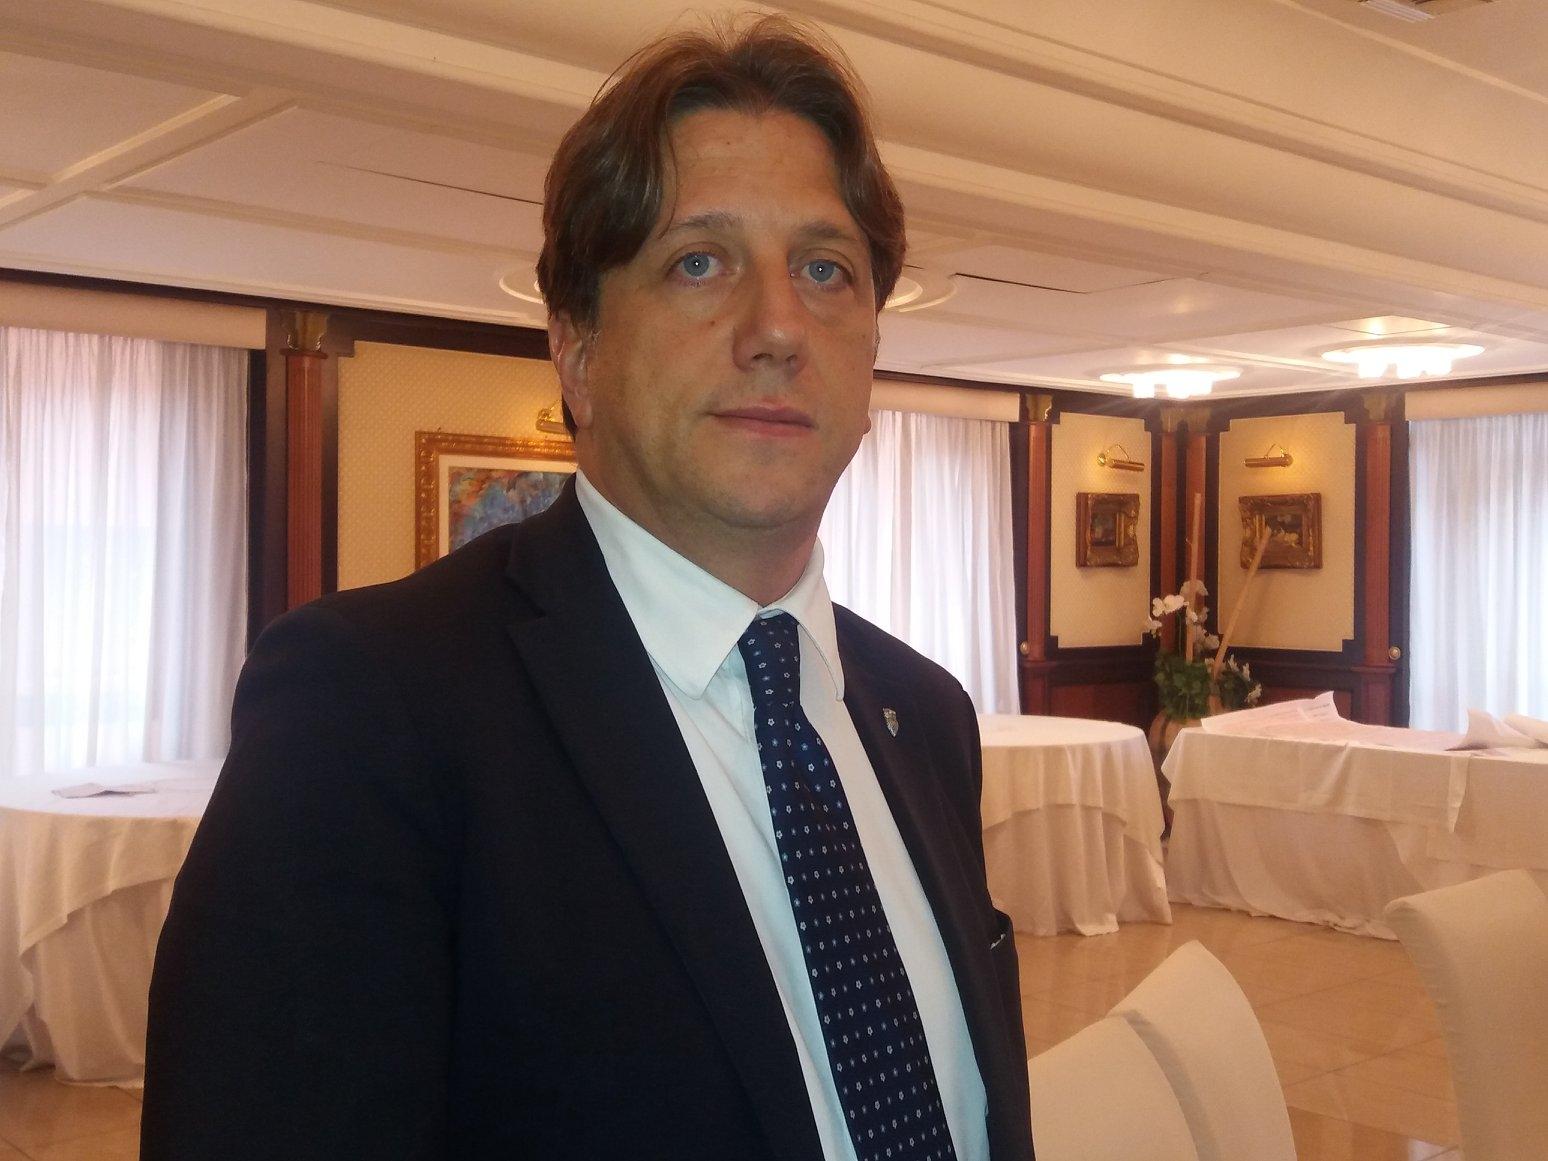 Commercialisti irpini, l'uscente Tedesco rinnova la sfida alla presidenza